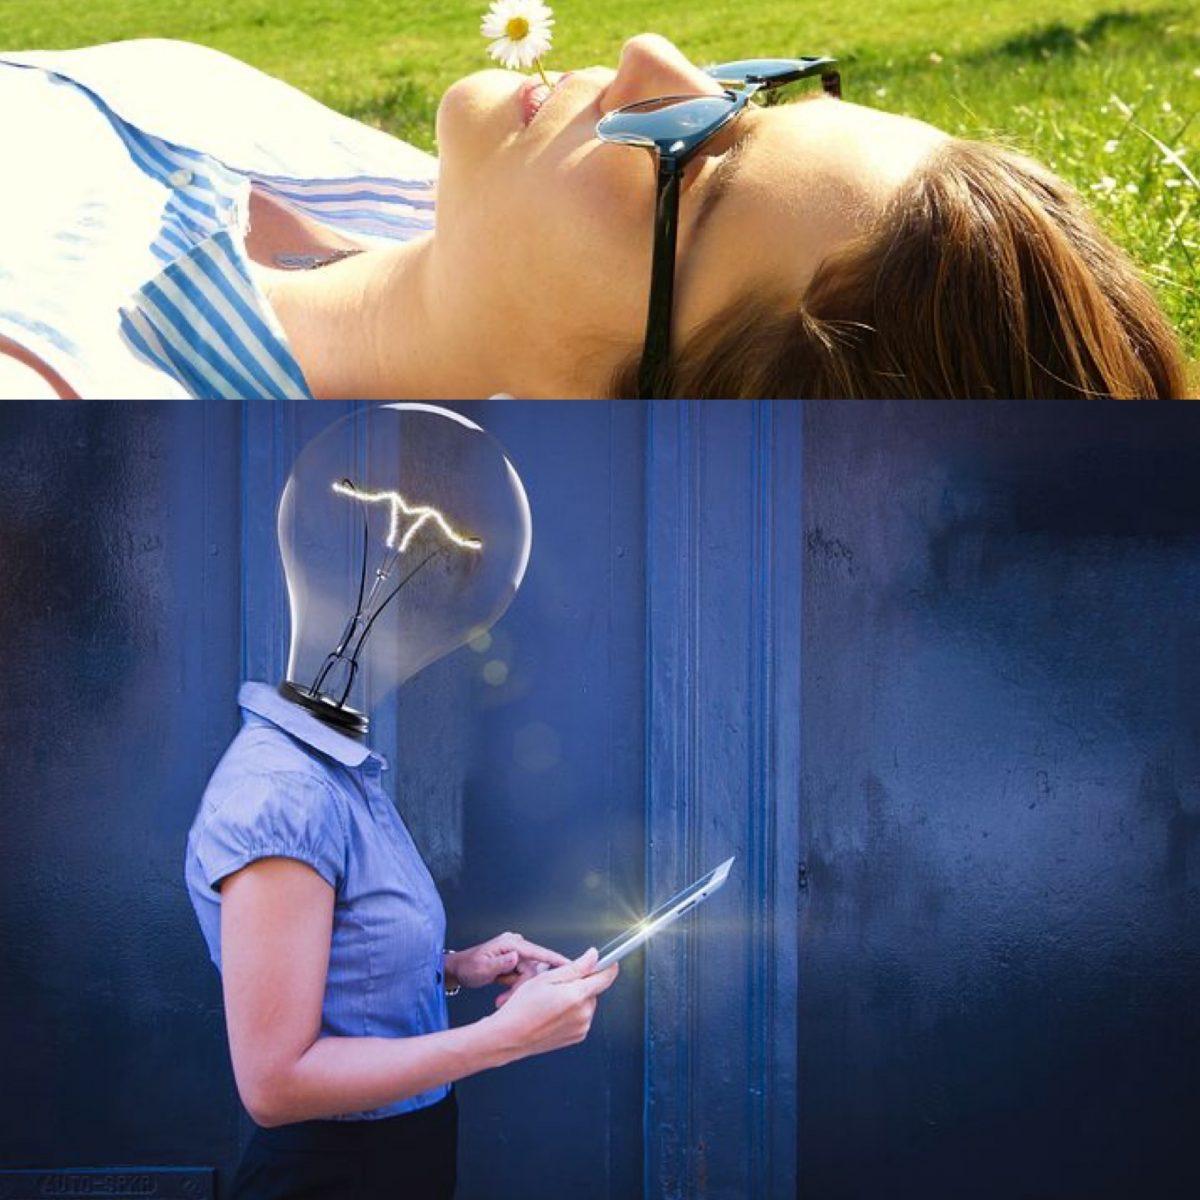 oben Frau auf einer Wiese liegend mit Gänseblümchen im Mund und Sonnenbrille, unten Frau mit Tablet in der Hand und Glühbirne als Kopf